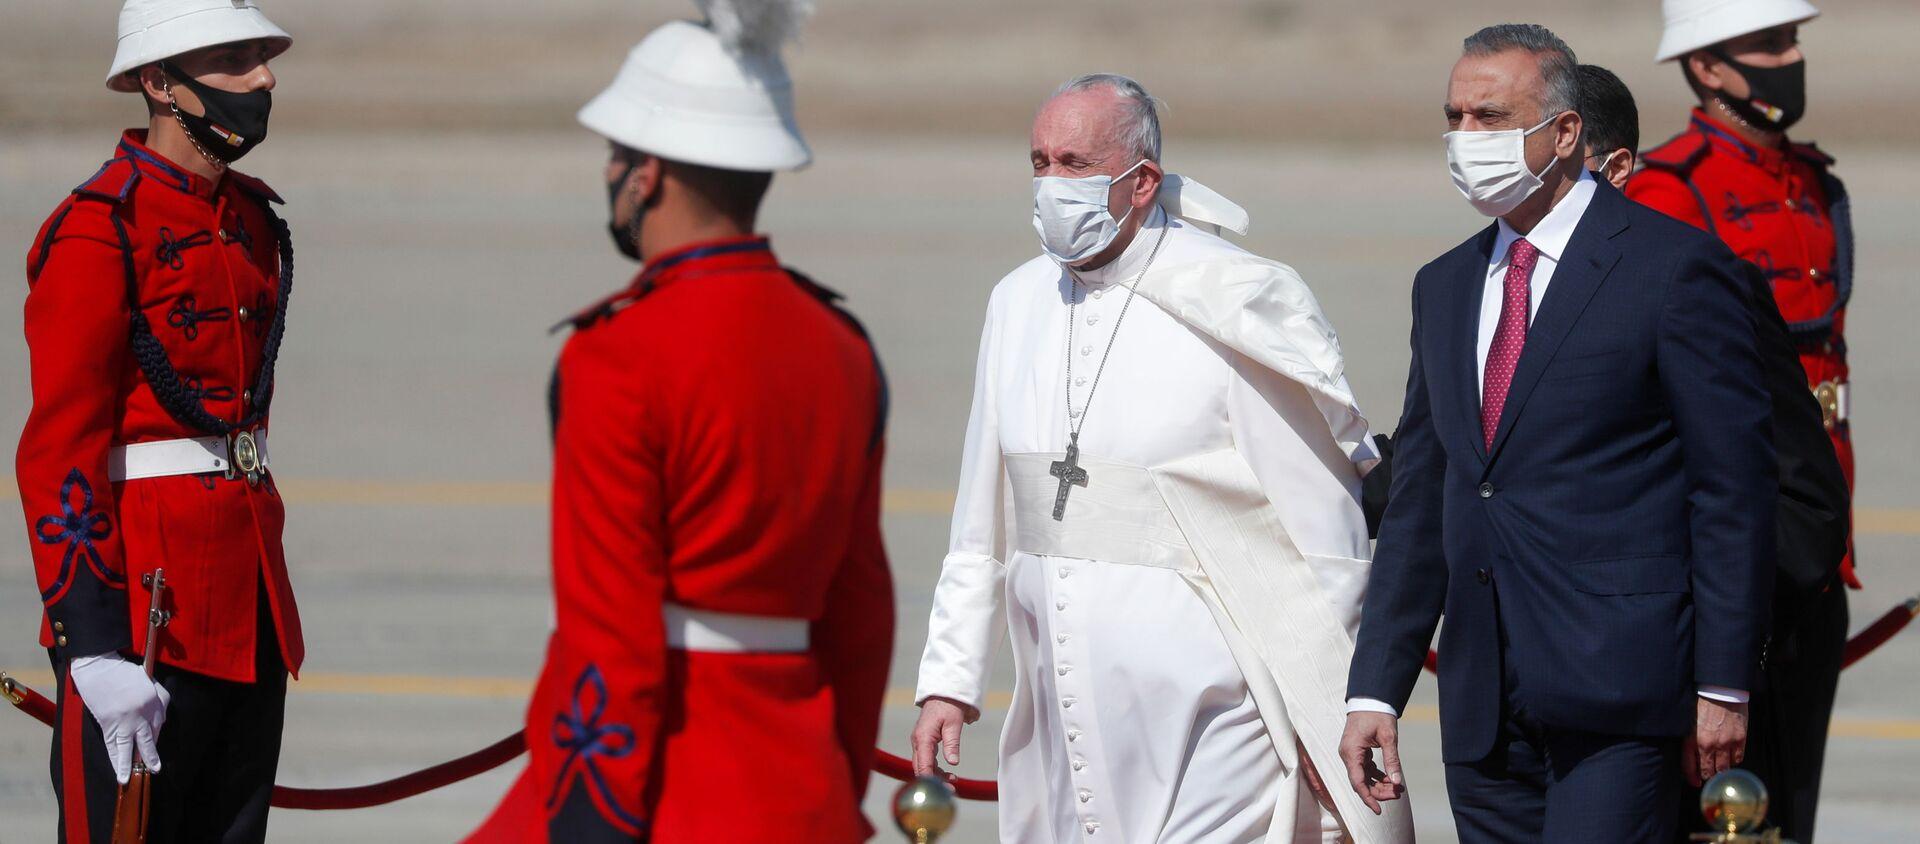 Il Papa Francesco arriva a Baghdad nella prima visita internazionale durante la crisi pandemica - Sputnik Italia, 1920, 08.03.2021